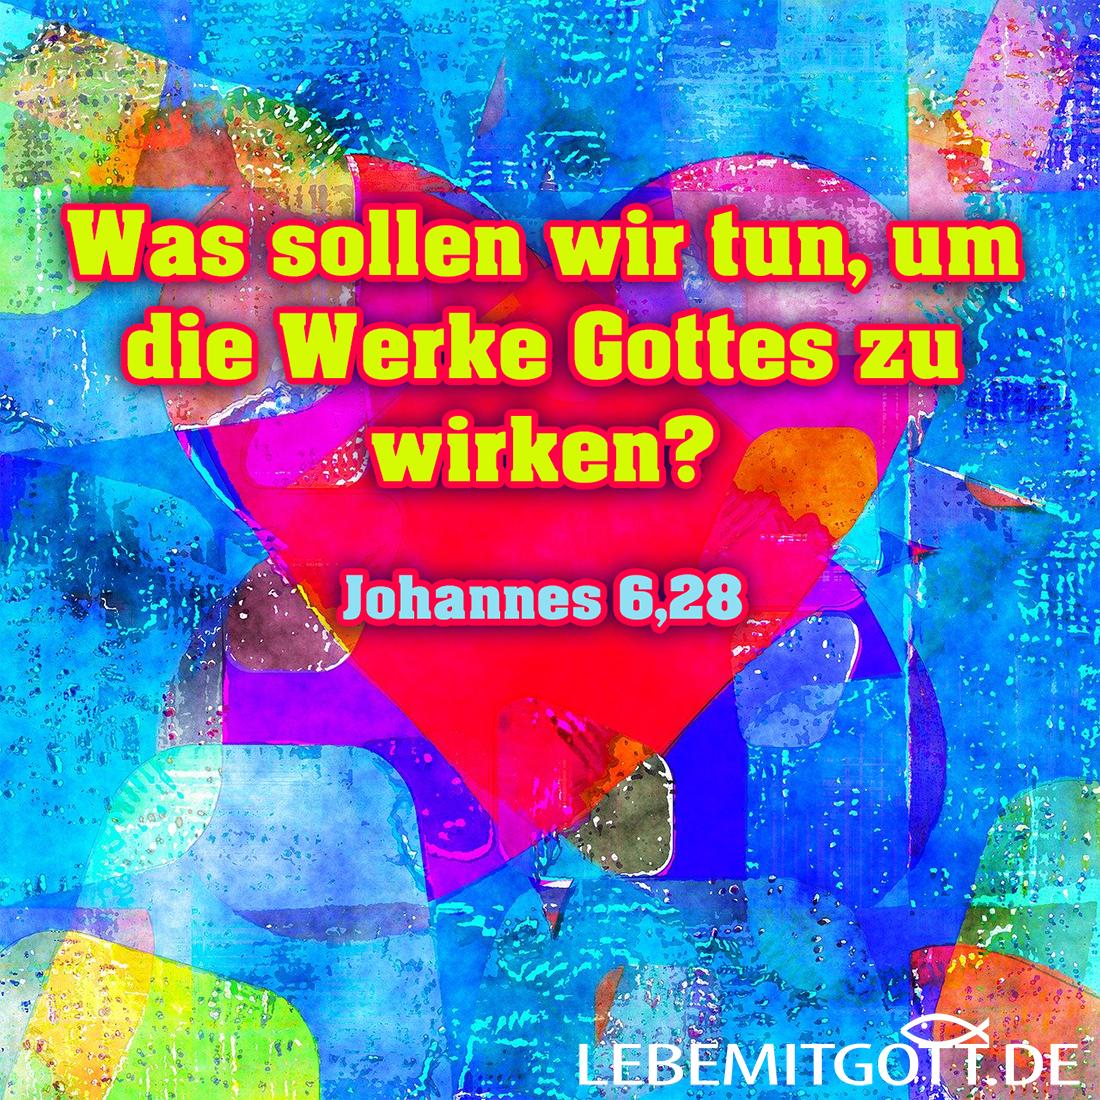 Werke Gottes